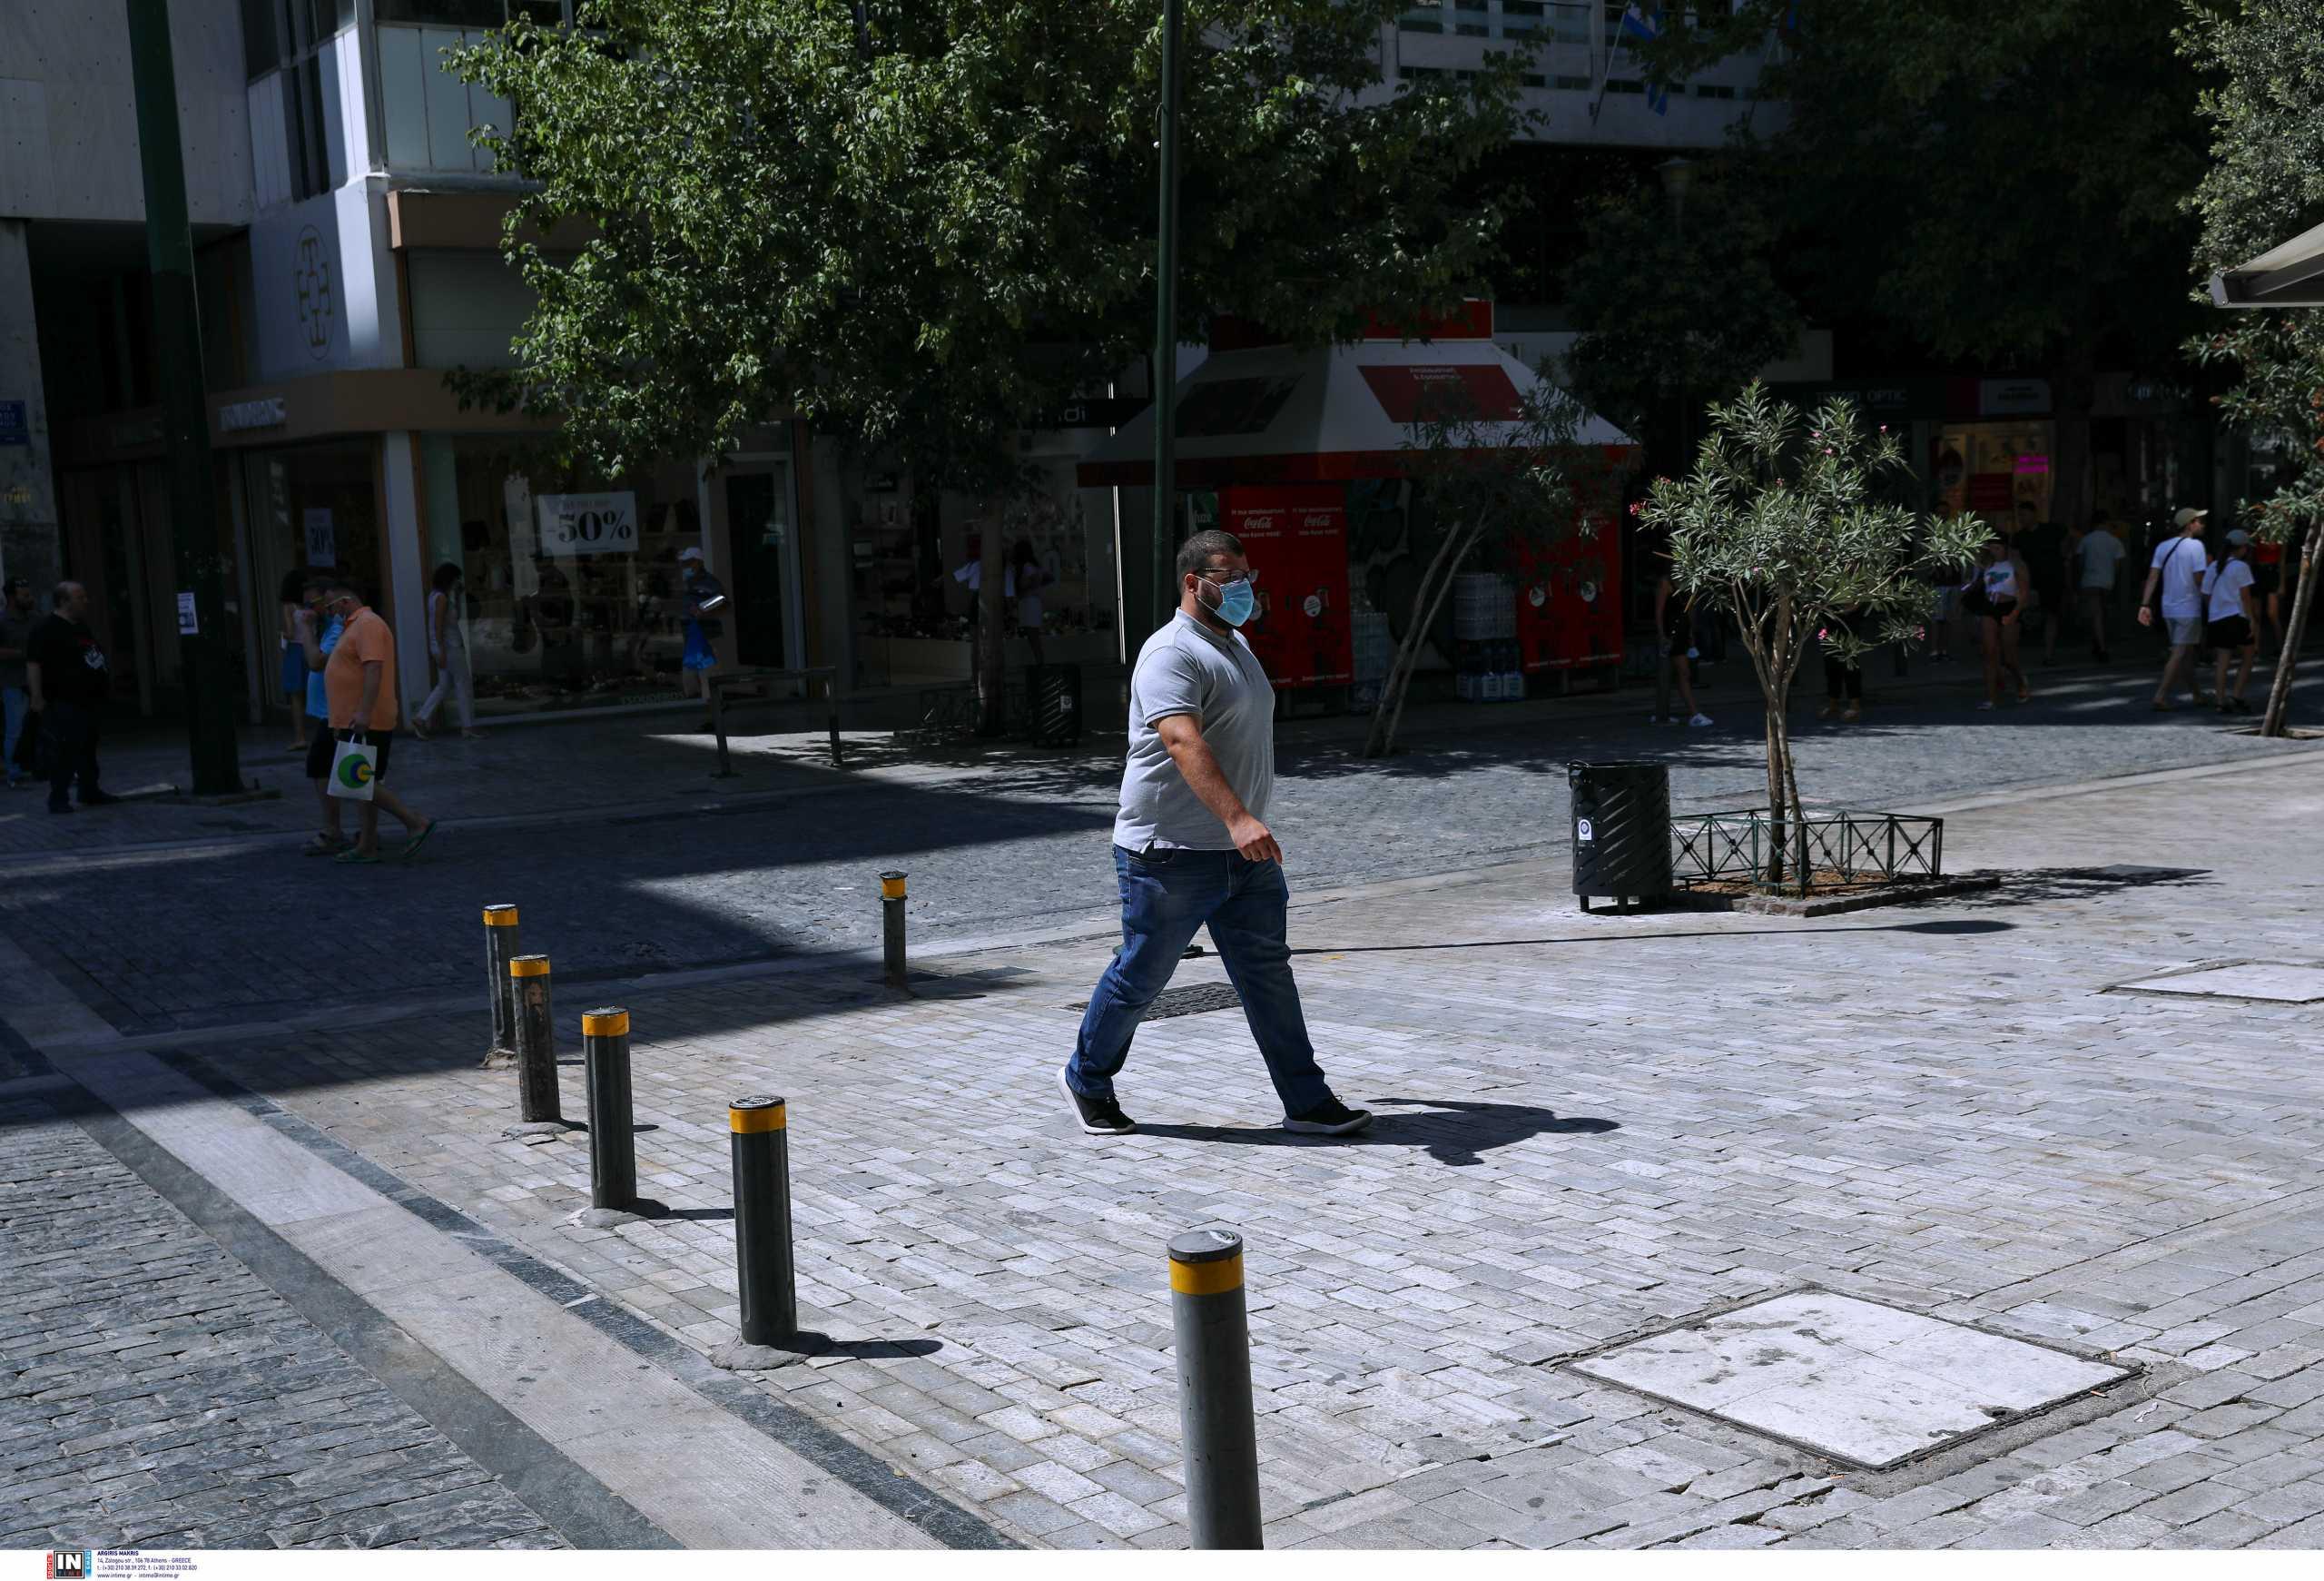 Κορονοϊός: Κάτω από 100 κρούσματα η διαφορά Αττικής και Θεσσαλονίκης στις νέες μολύνσεις – Ο σημερινός χάρτης της διασποράς